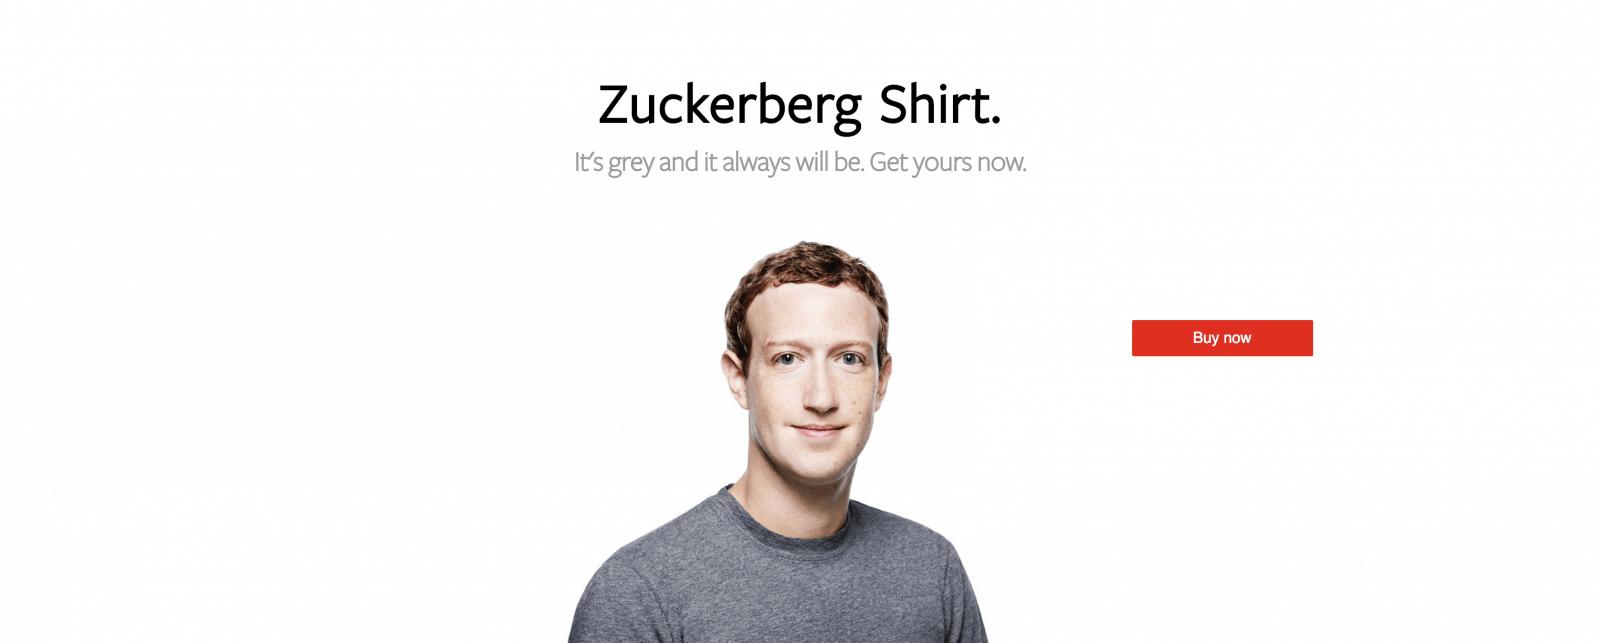 Zuckerberg Shirt.